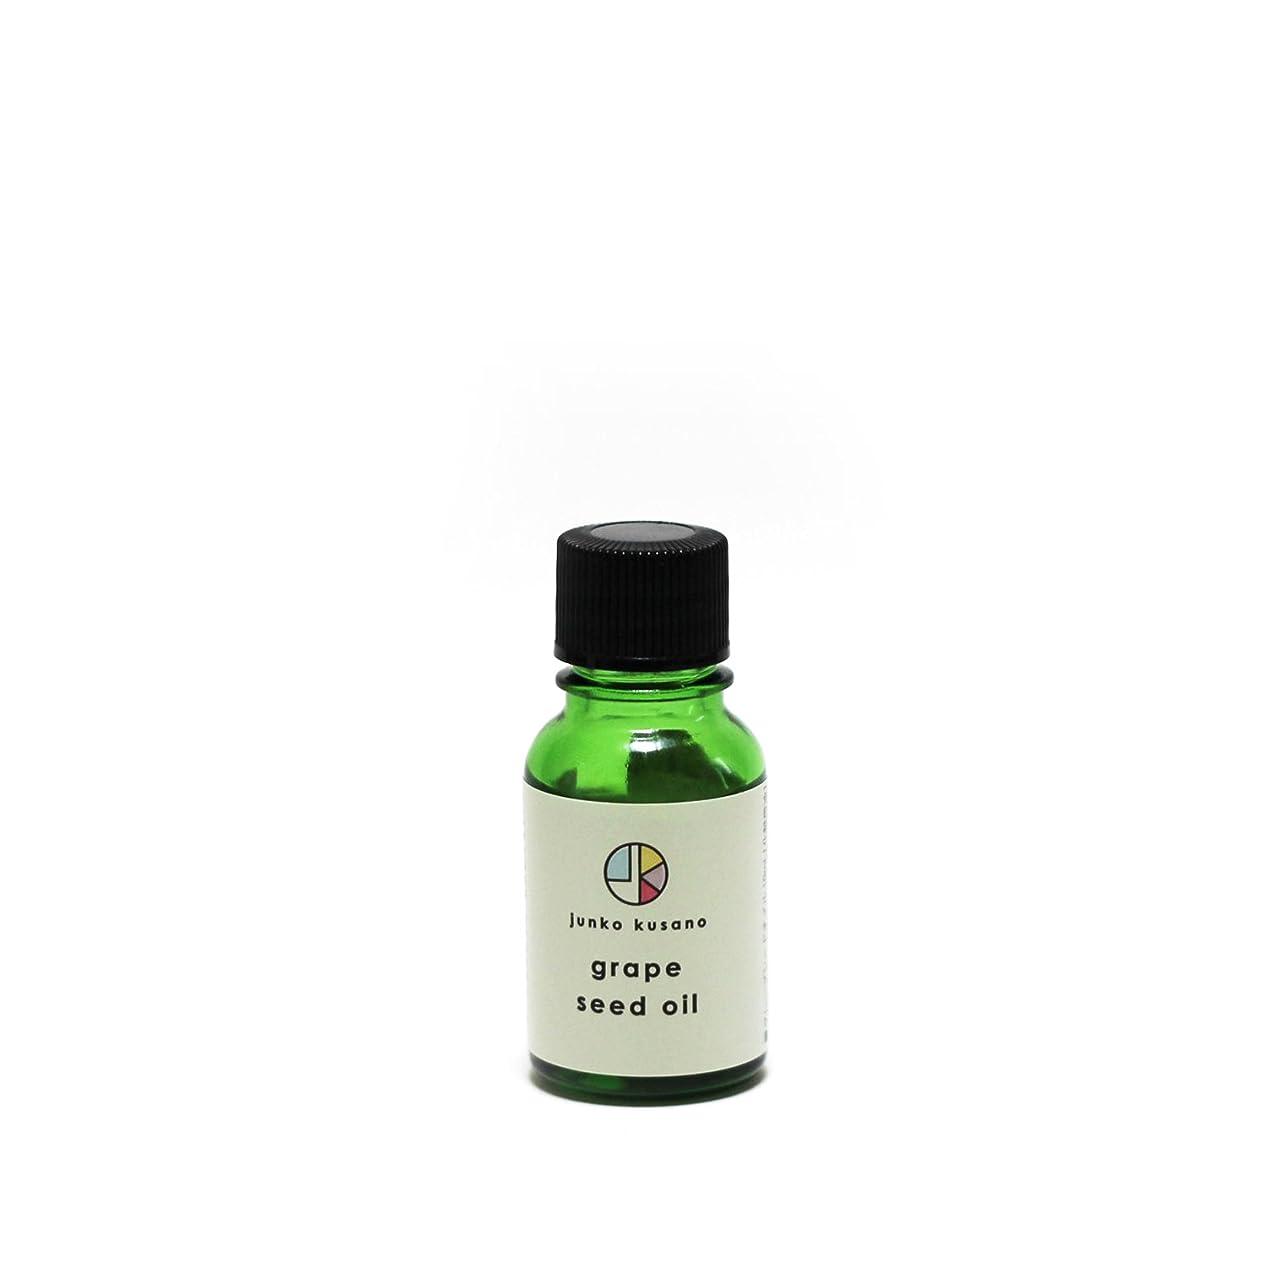 感覚静脈華氏junko kusano grape seed oil mini グレープシードオイル ミニボトル10ml